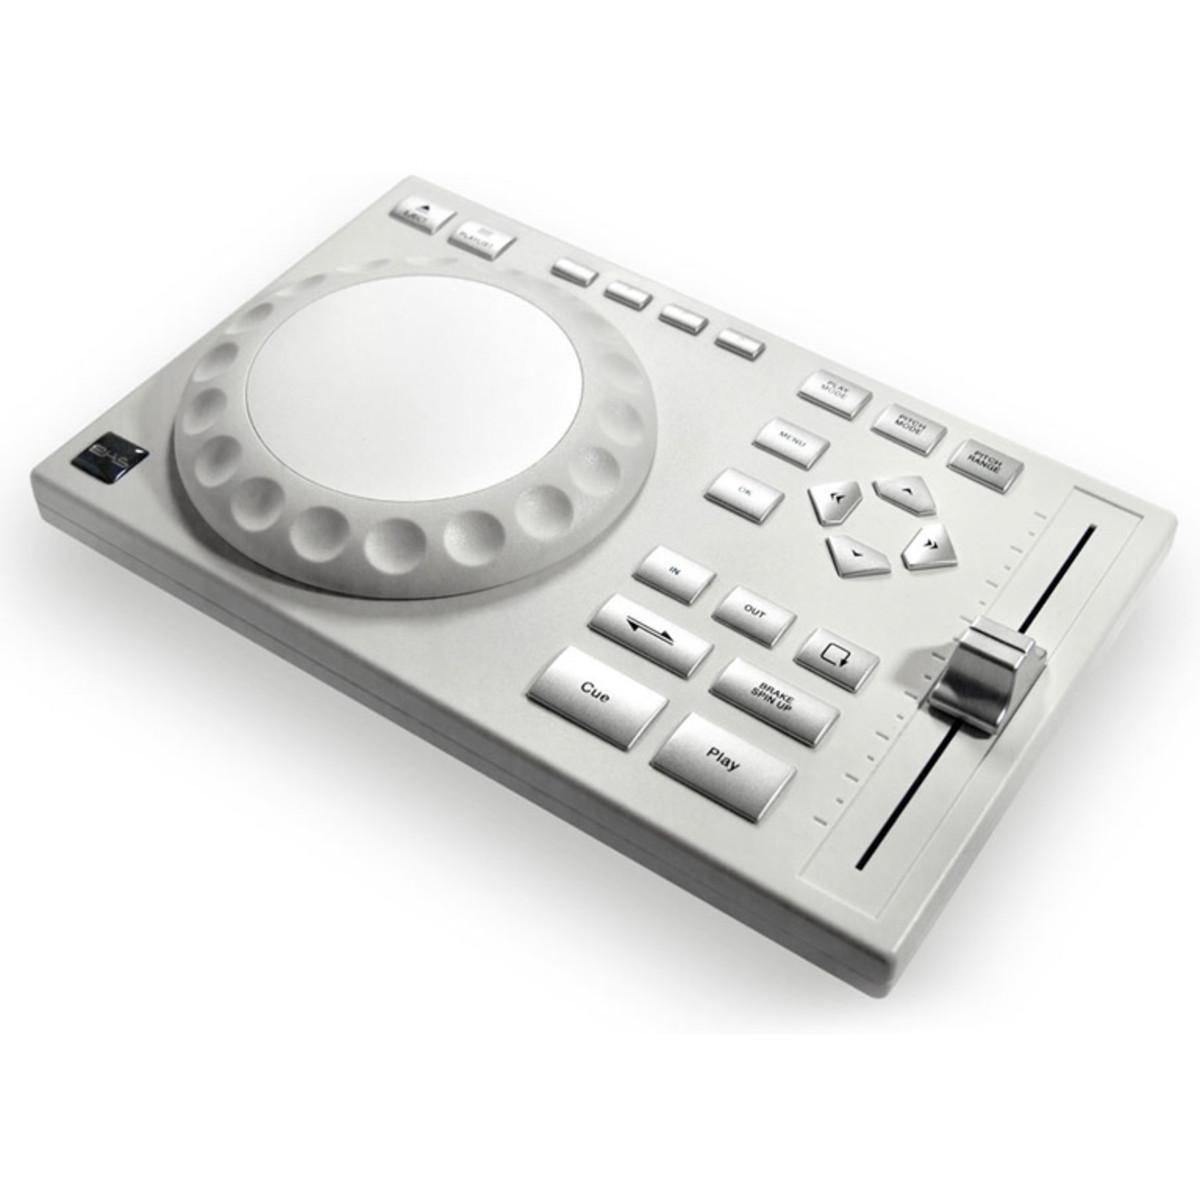 Mutta Kanaal Songs Mp3: EKS XP5 DJ MIDI-ohjain Osoitteessa Gear4Music.com